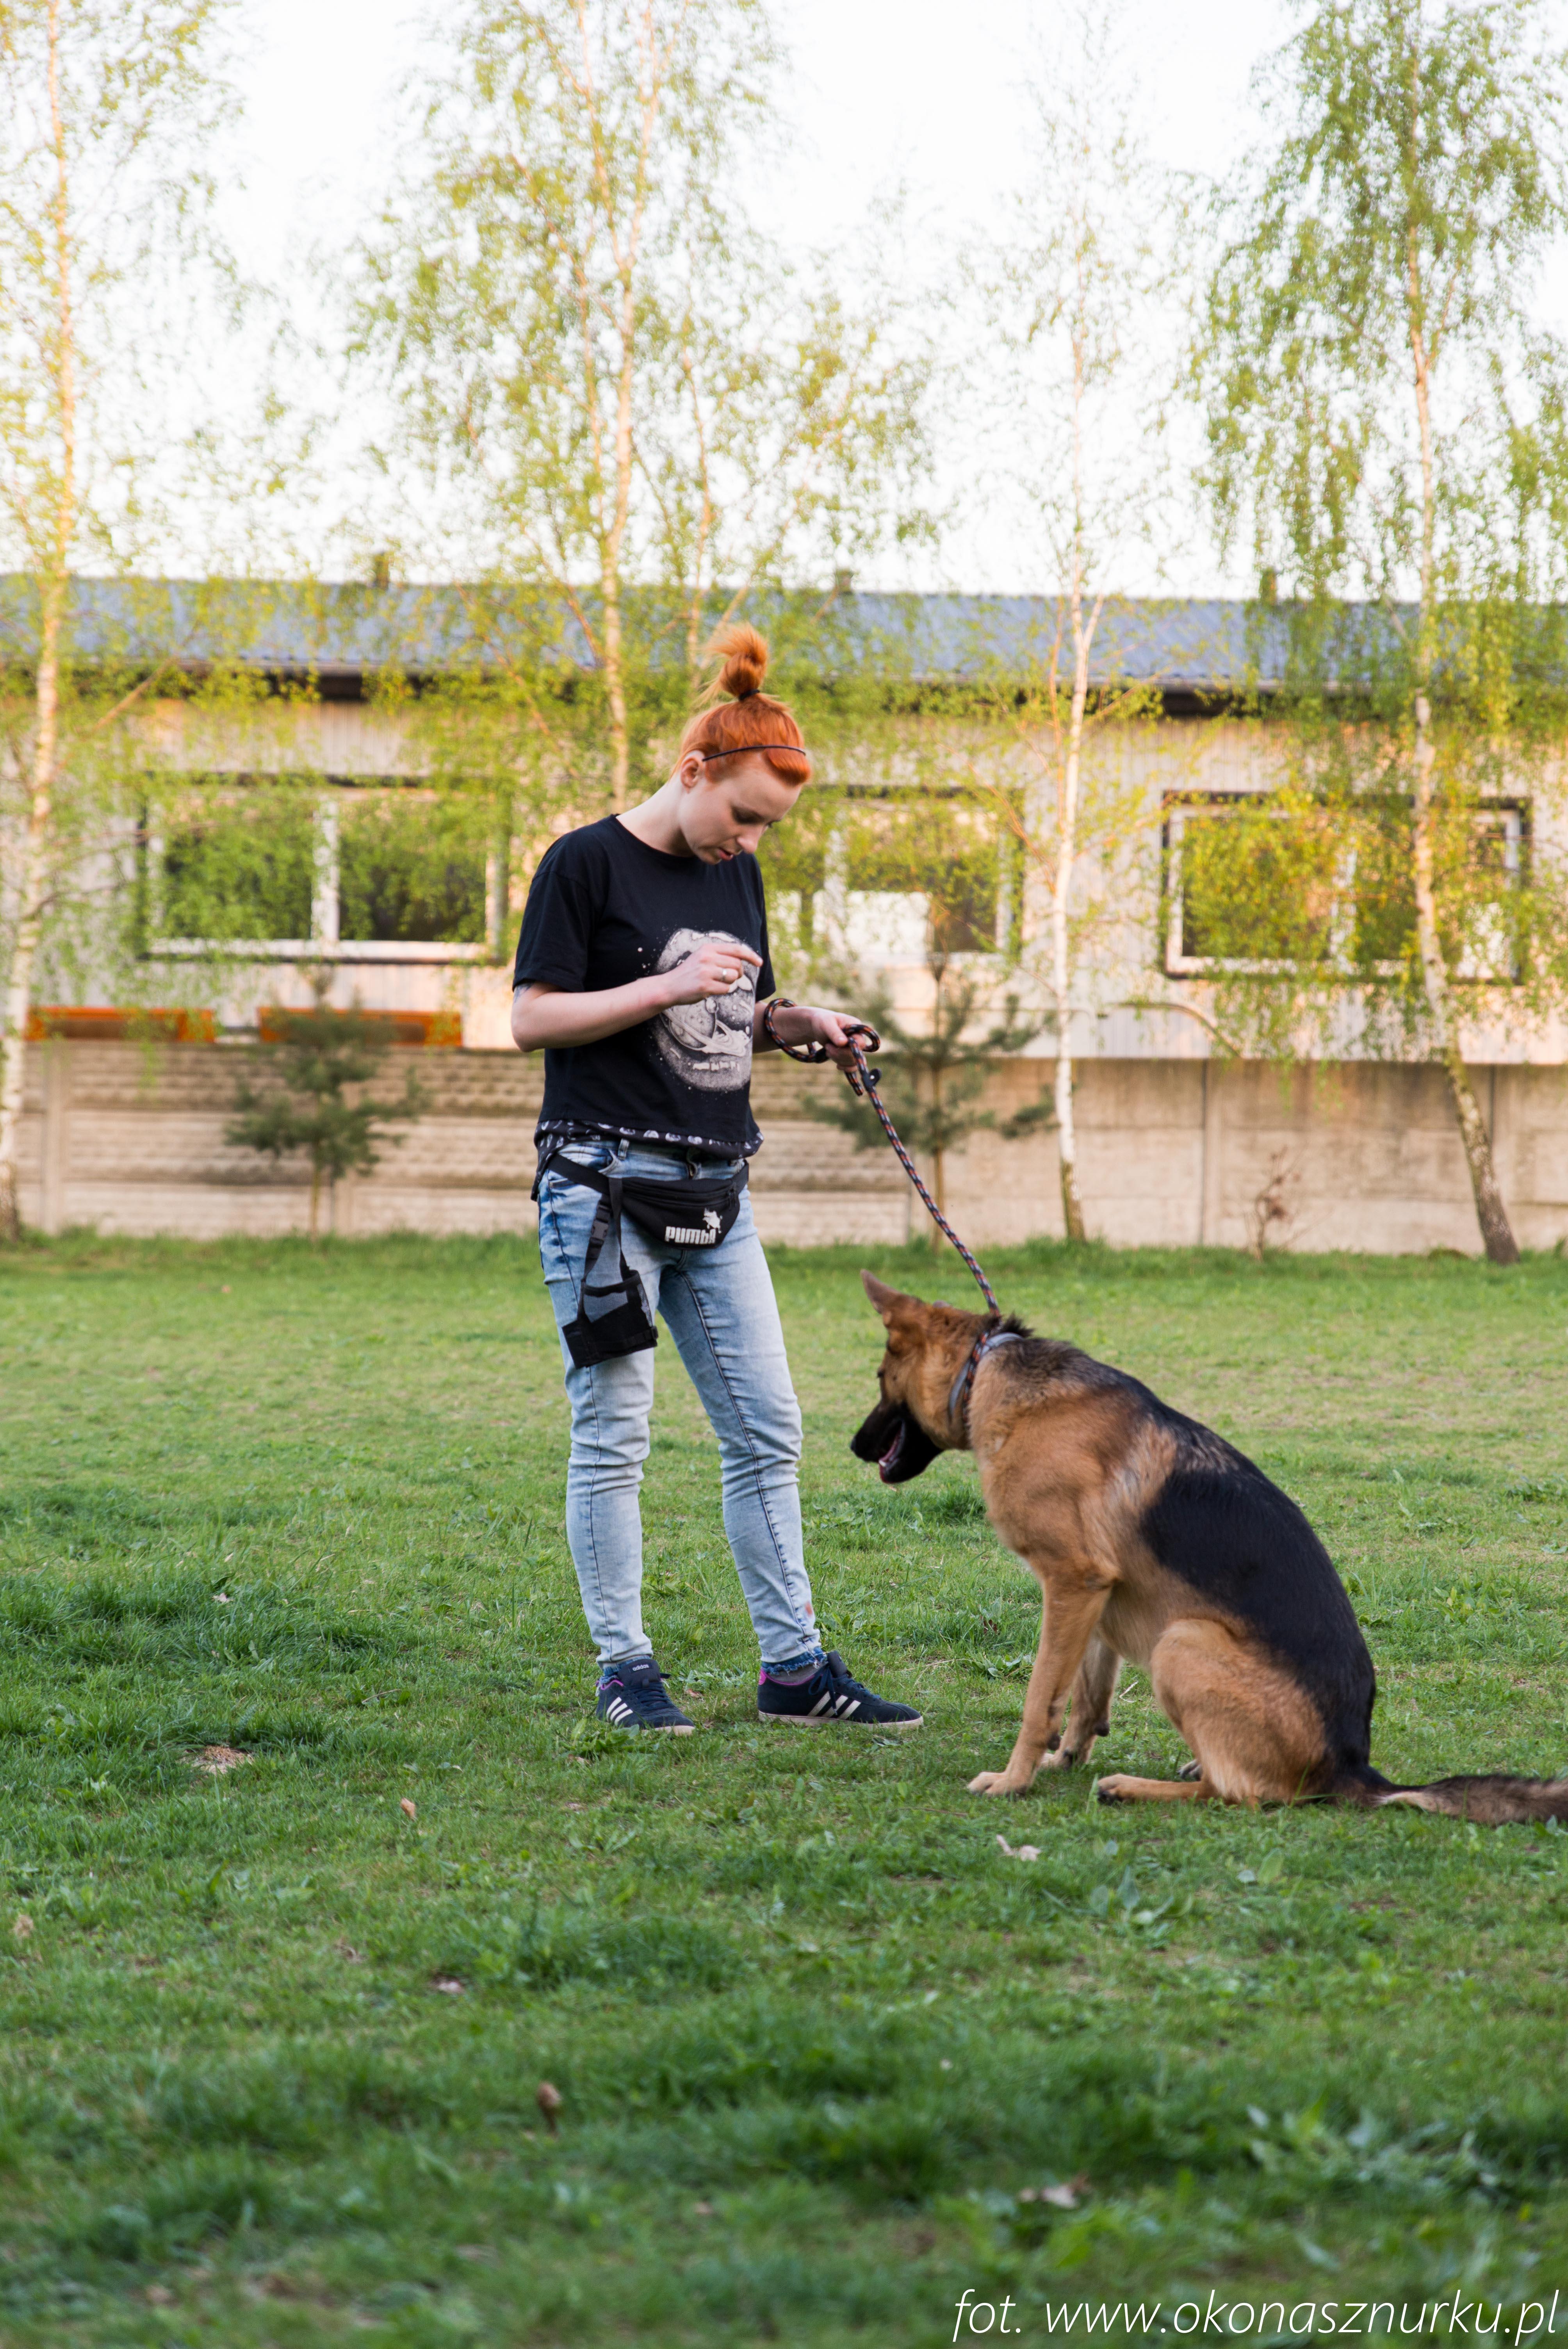 czedar-szkolenie-dog-academy-oko-na-sznurku (9)